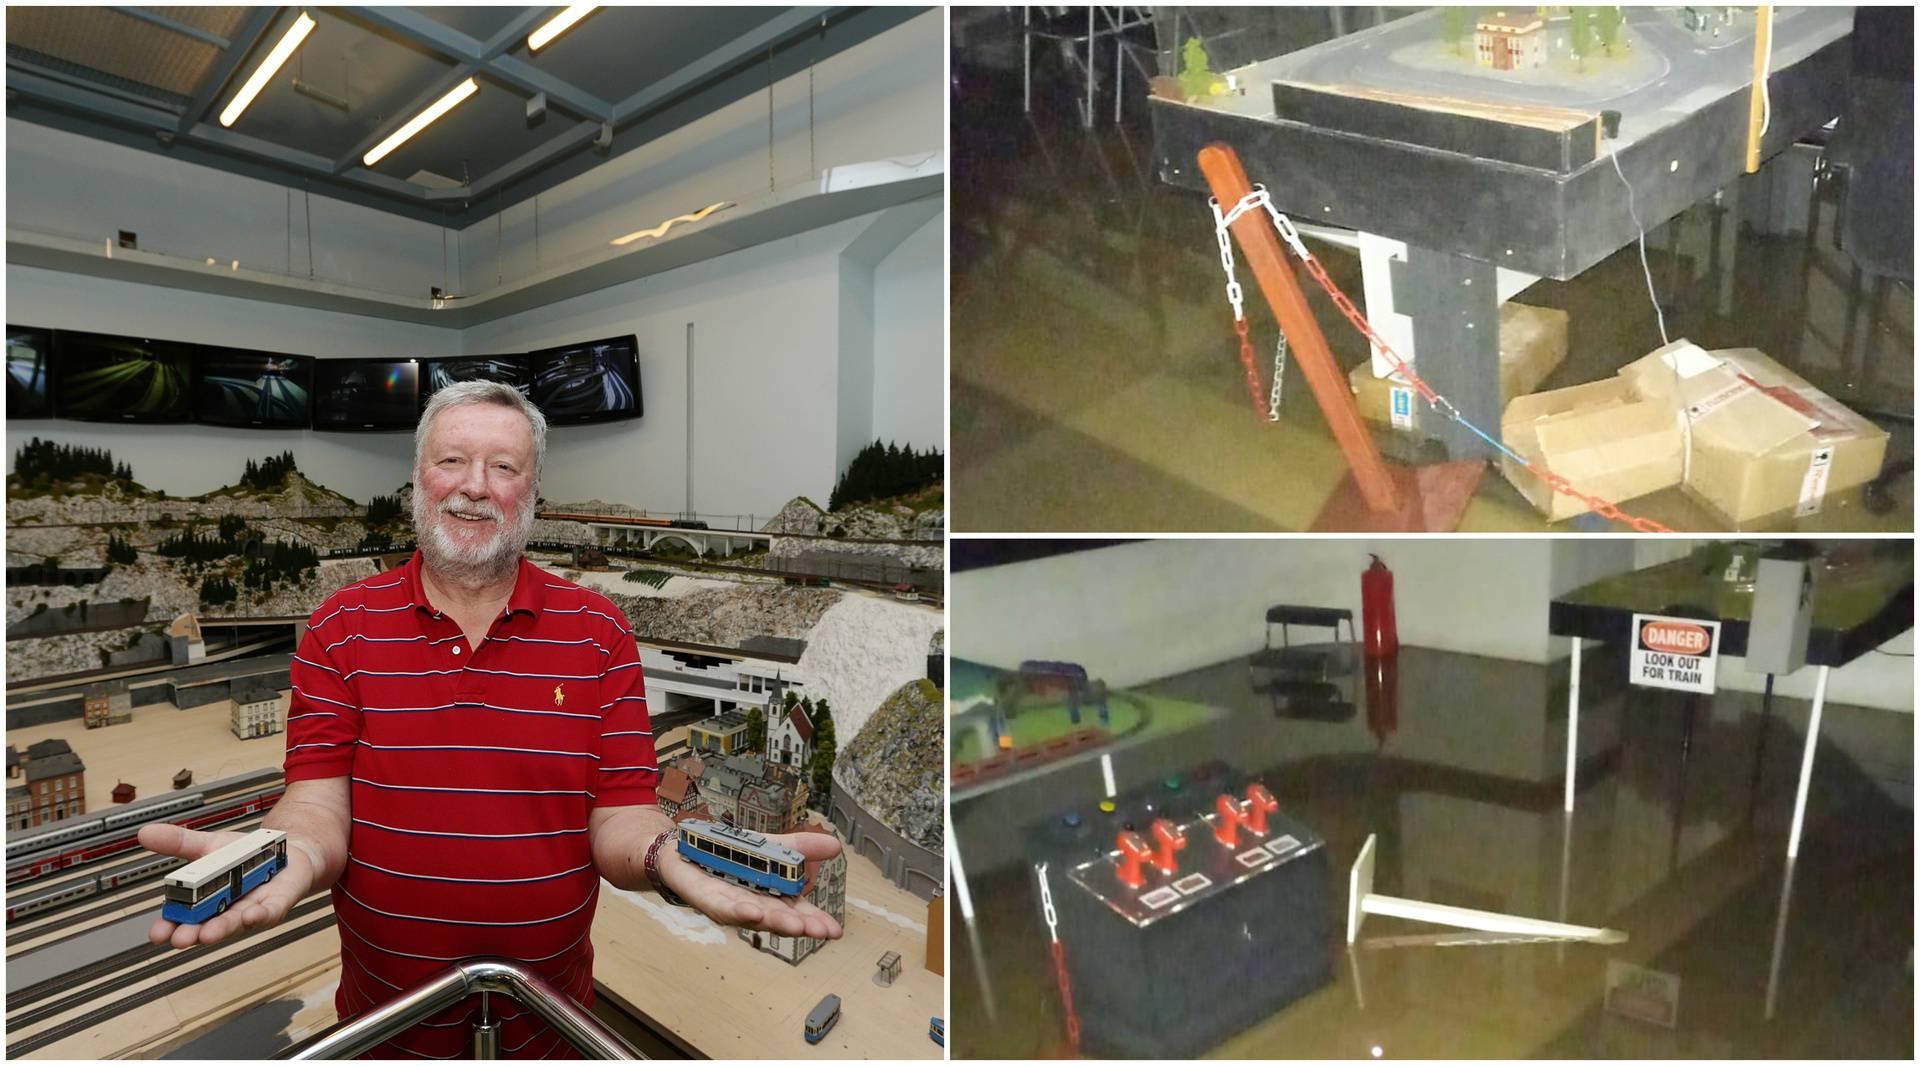 Omiljeni zagrebački muzej jako stradao u poplavi: 'Šokirao sam se, makete su plivale u vodi...'